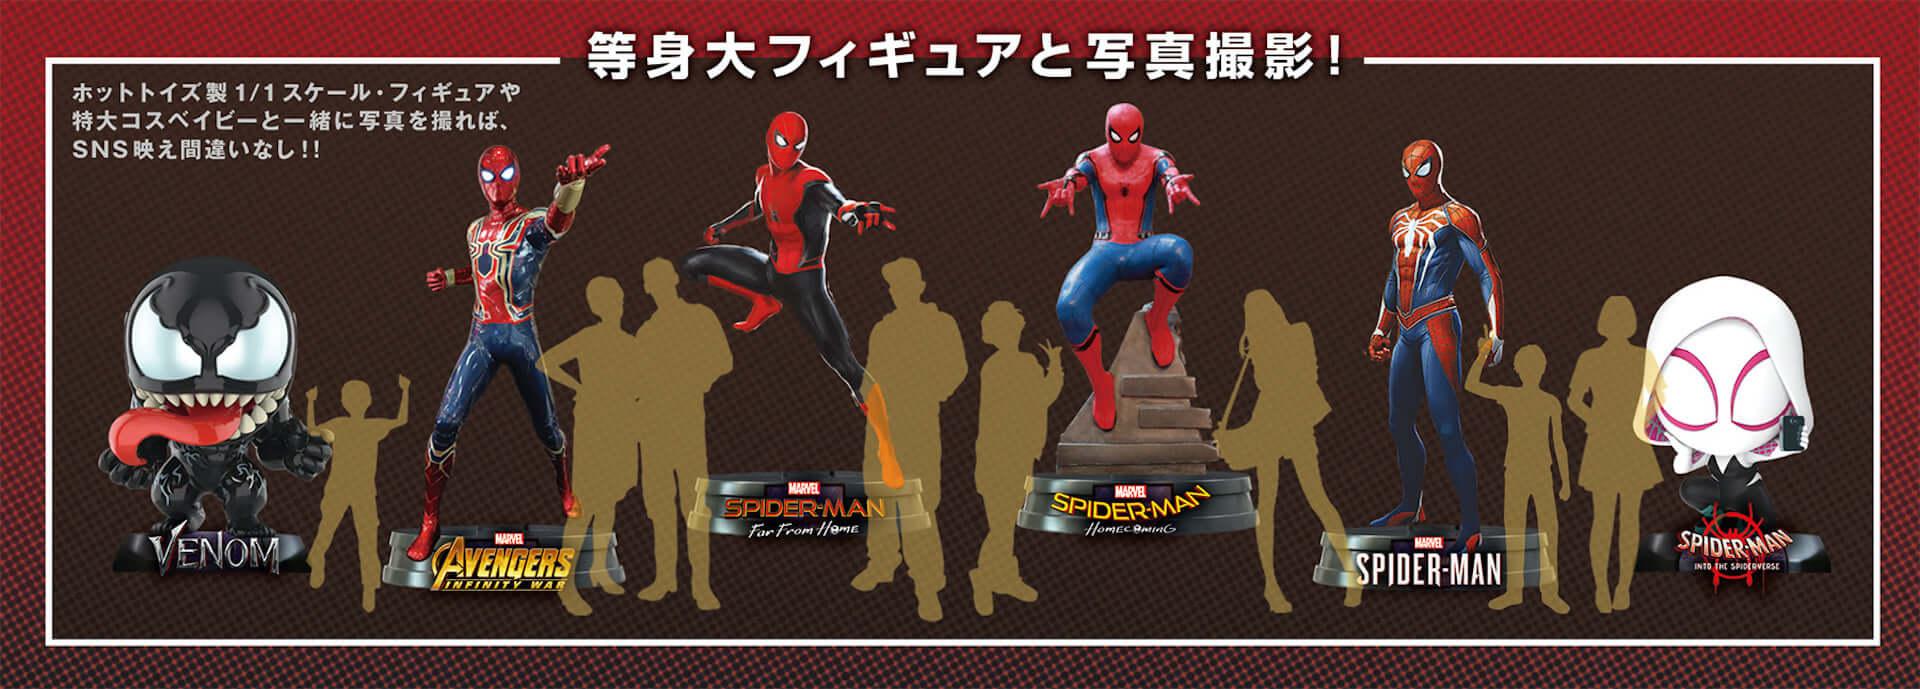 『スパイダーマン』撮影に使用された衣装が来日!トイサピエンス名古屋にて入場無料の体験型イベントがオープン art200330_hottoys_spiderman_3-1920x689